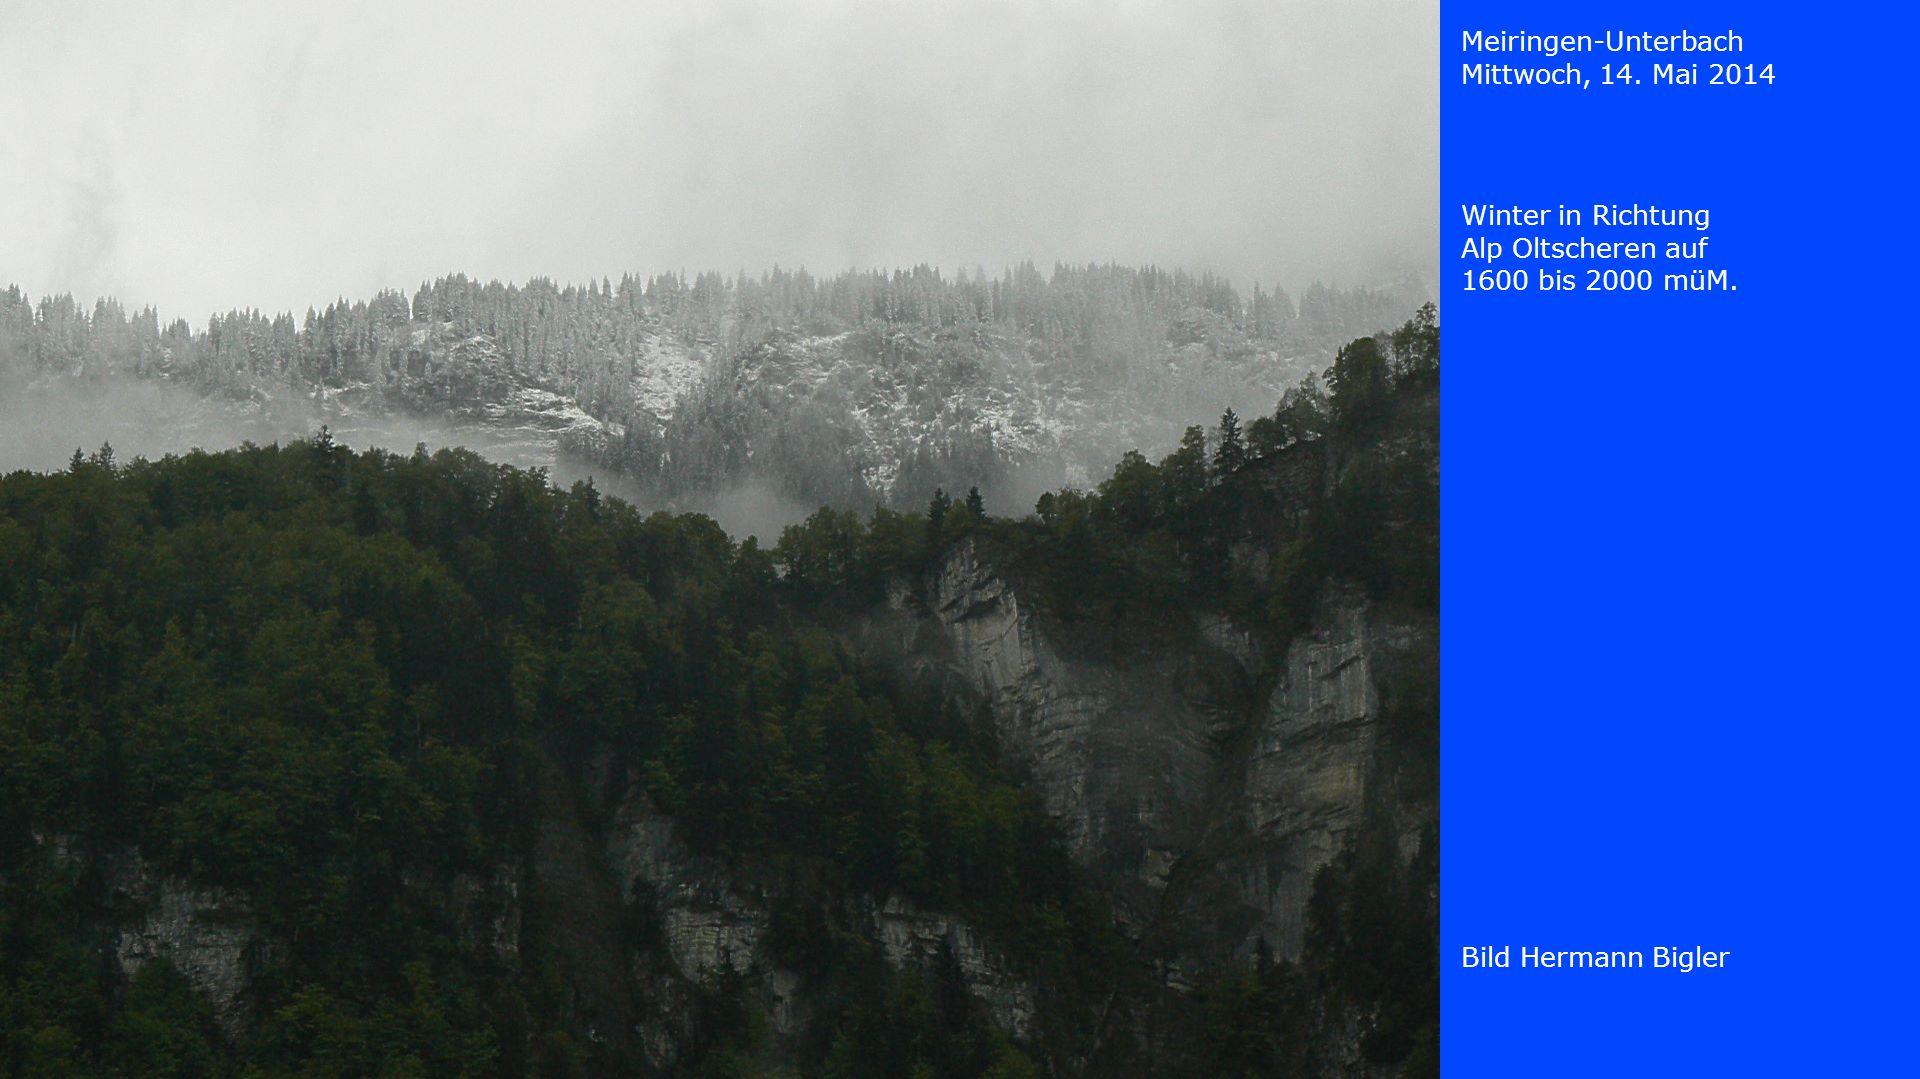 Meiringen-Unterbach Mittwoch, 14. Mai 2014. Winter in Richtung Alp Oltscheren auf 1600 bis 2000 müM.